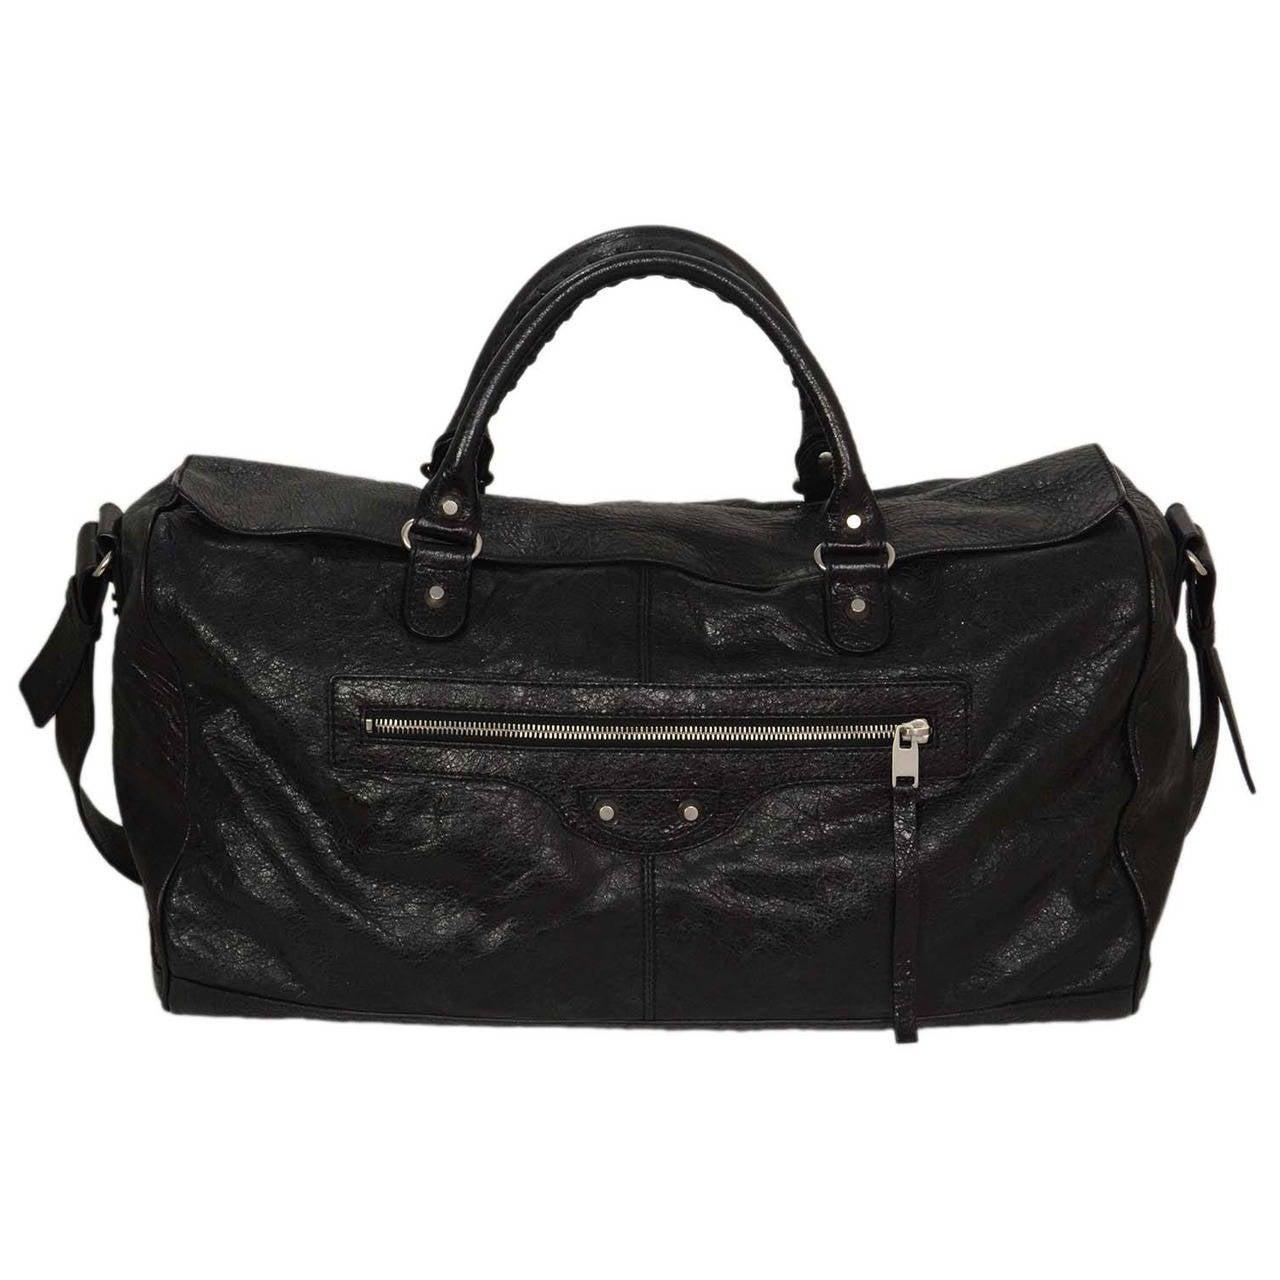 BALENCIAGA Black Distressed Leather Squash Weekend Bag SHW ...